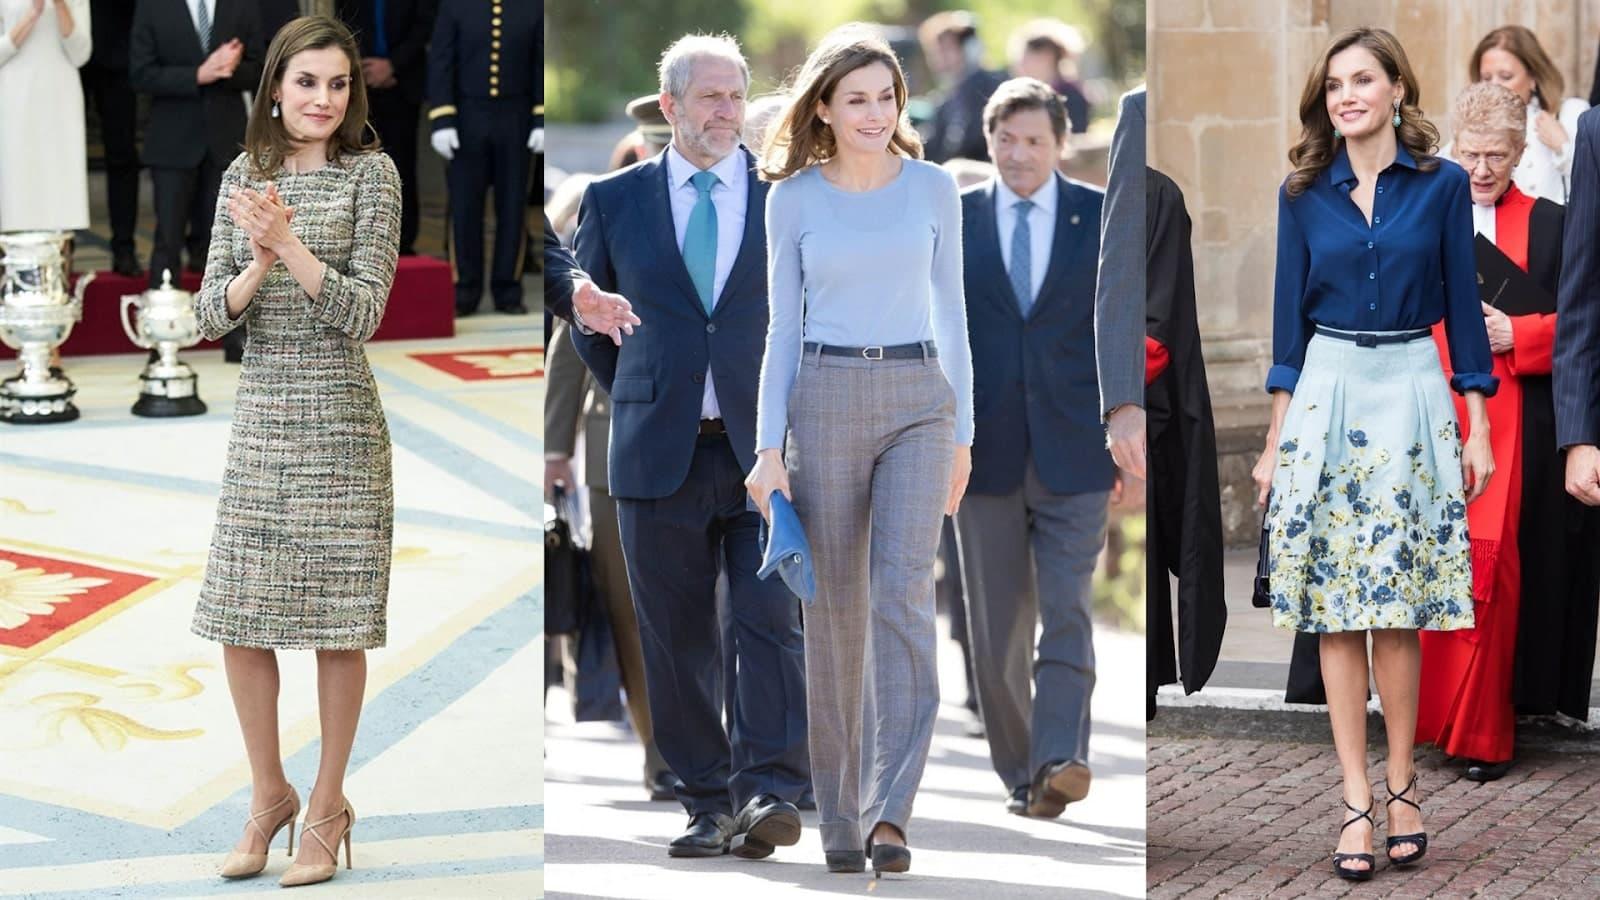 Gọi tên những biểu tượng thời trang Hoàng gia thế giới, có người mặc đẹp lấn át Công nương Kate - 12